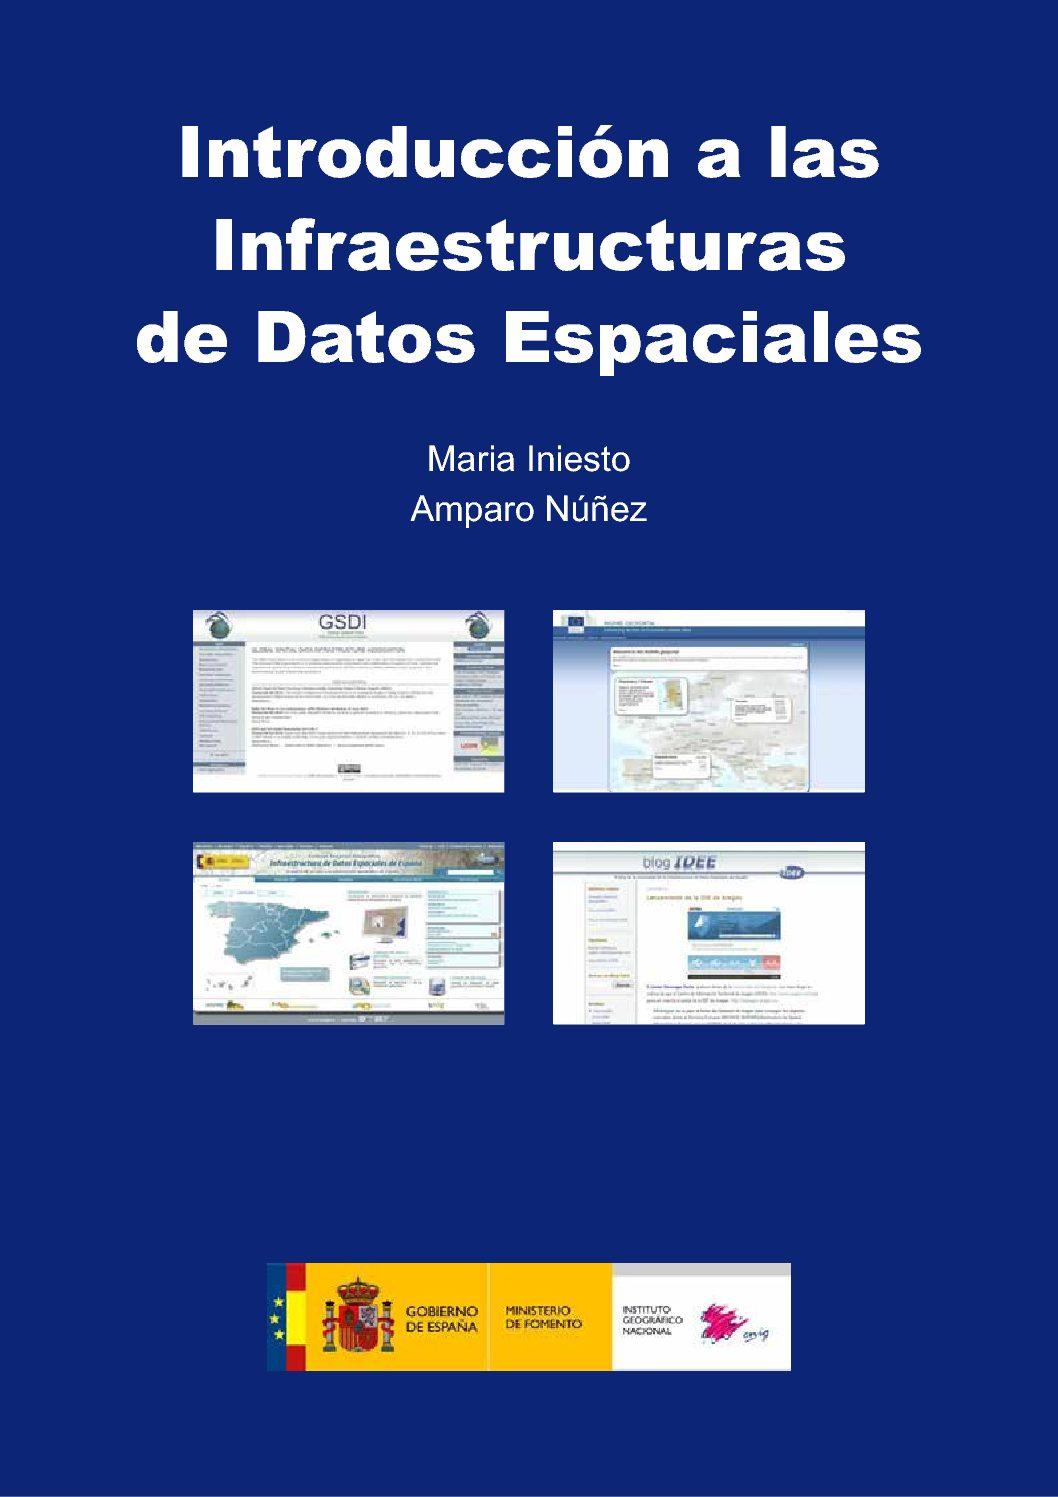 Introducción a las Infraestructuras de Datos Espaciales